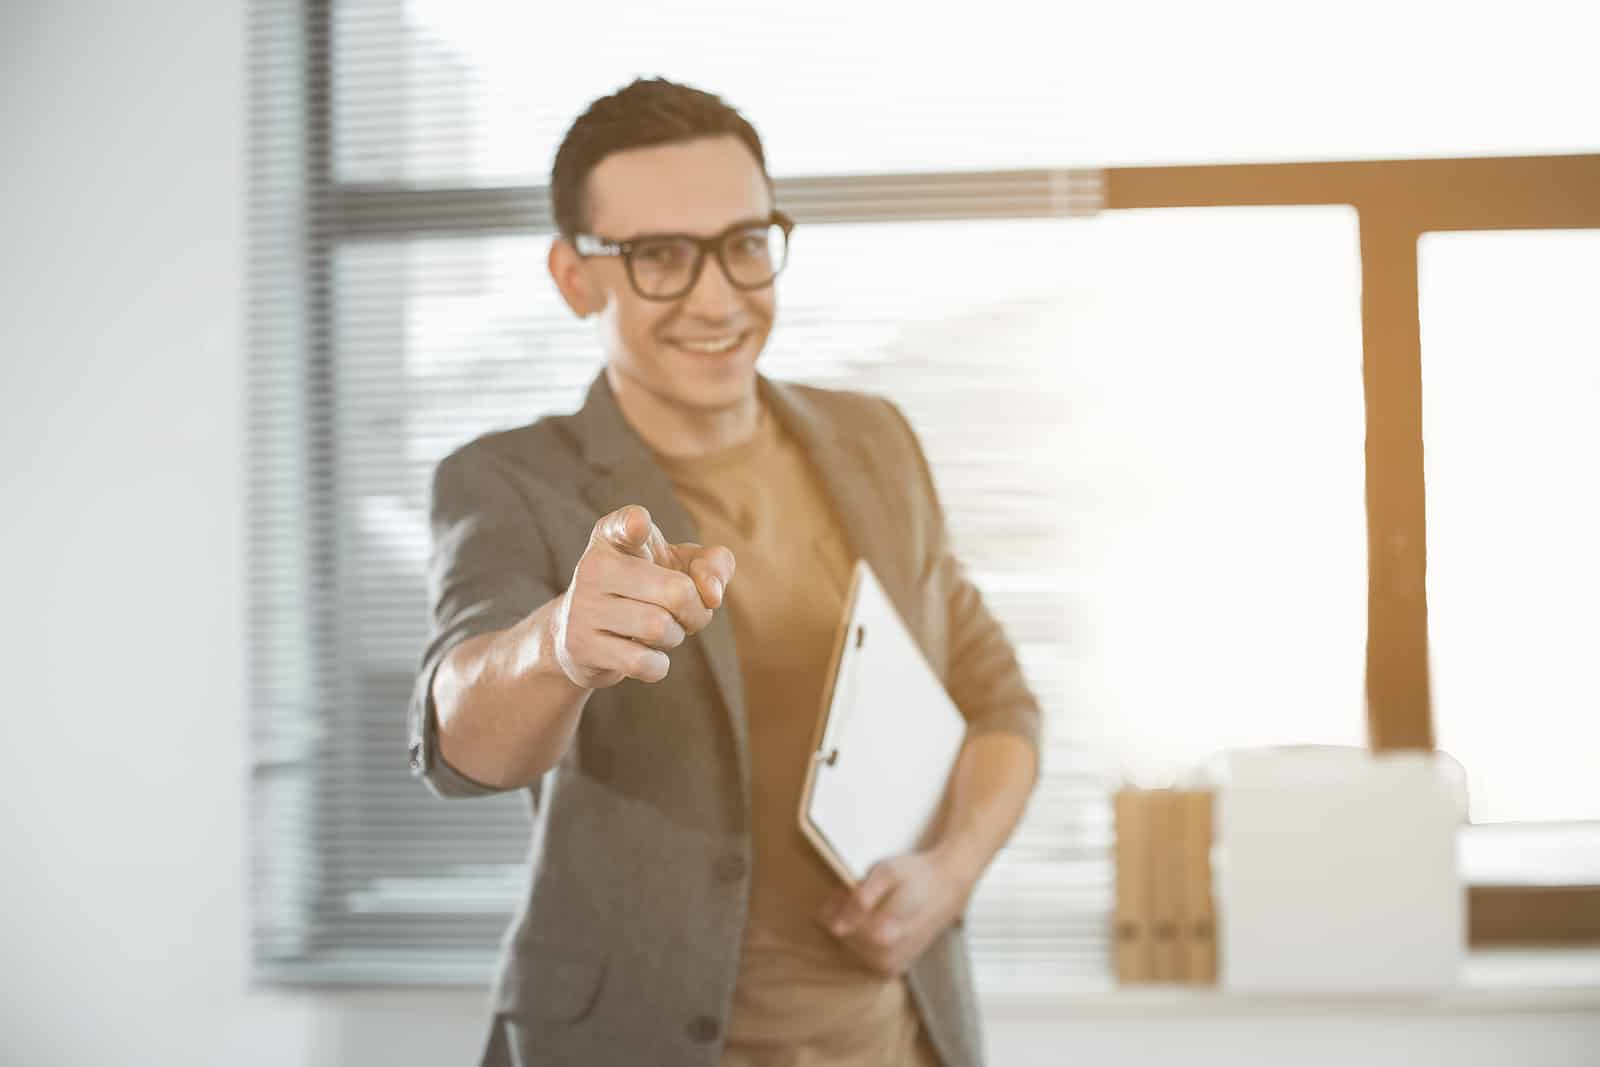 Si eres asesor laboral consigue aquí el primer artículo gratis para tu blog